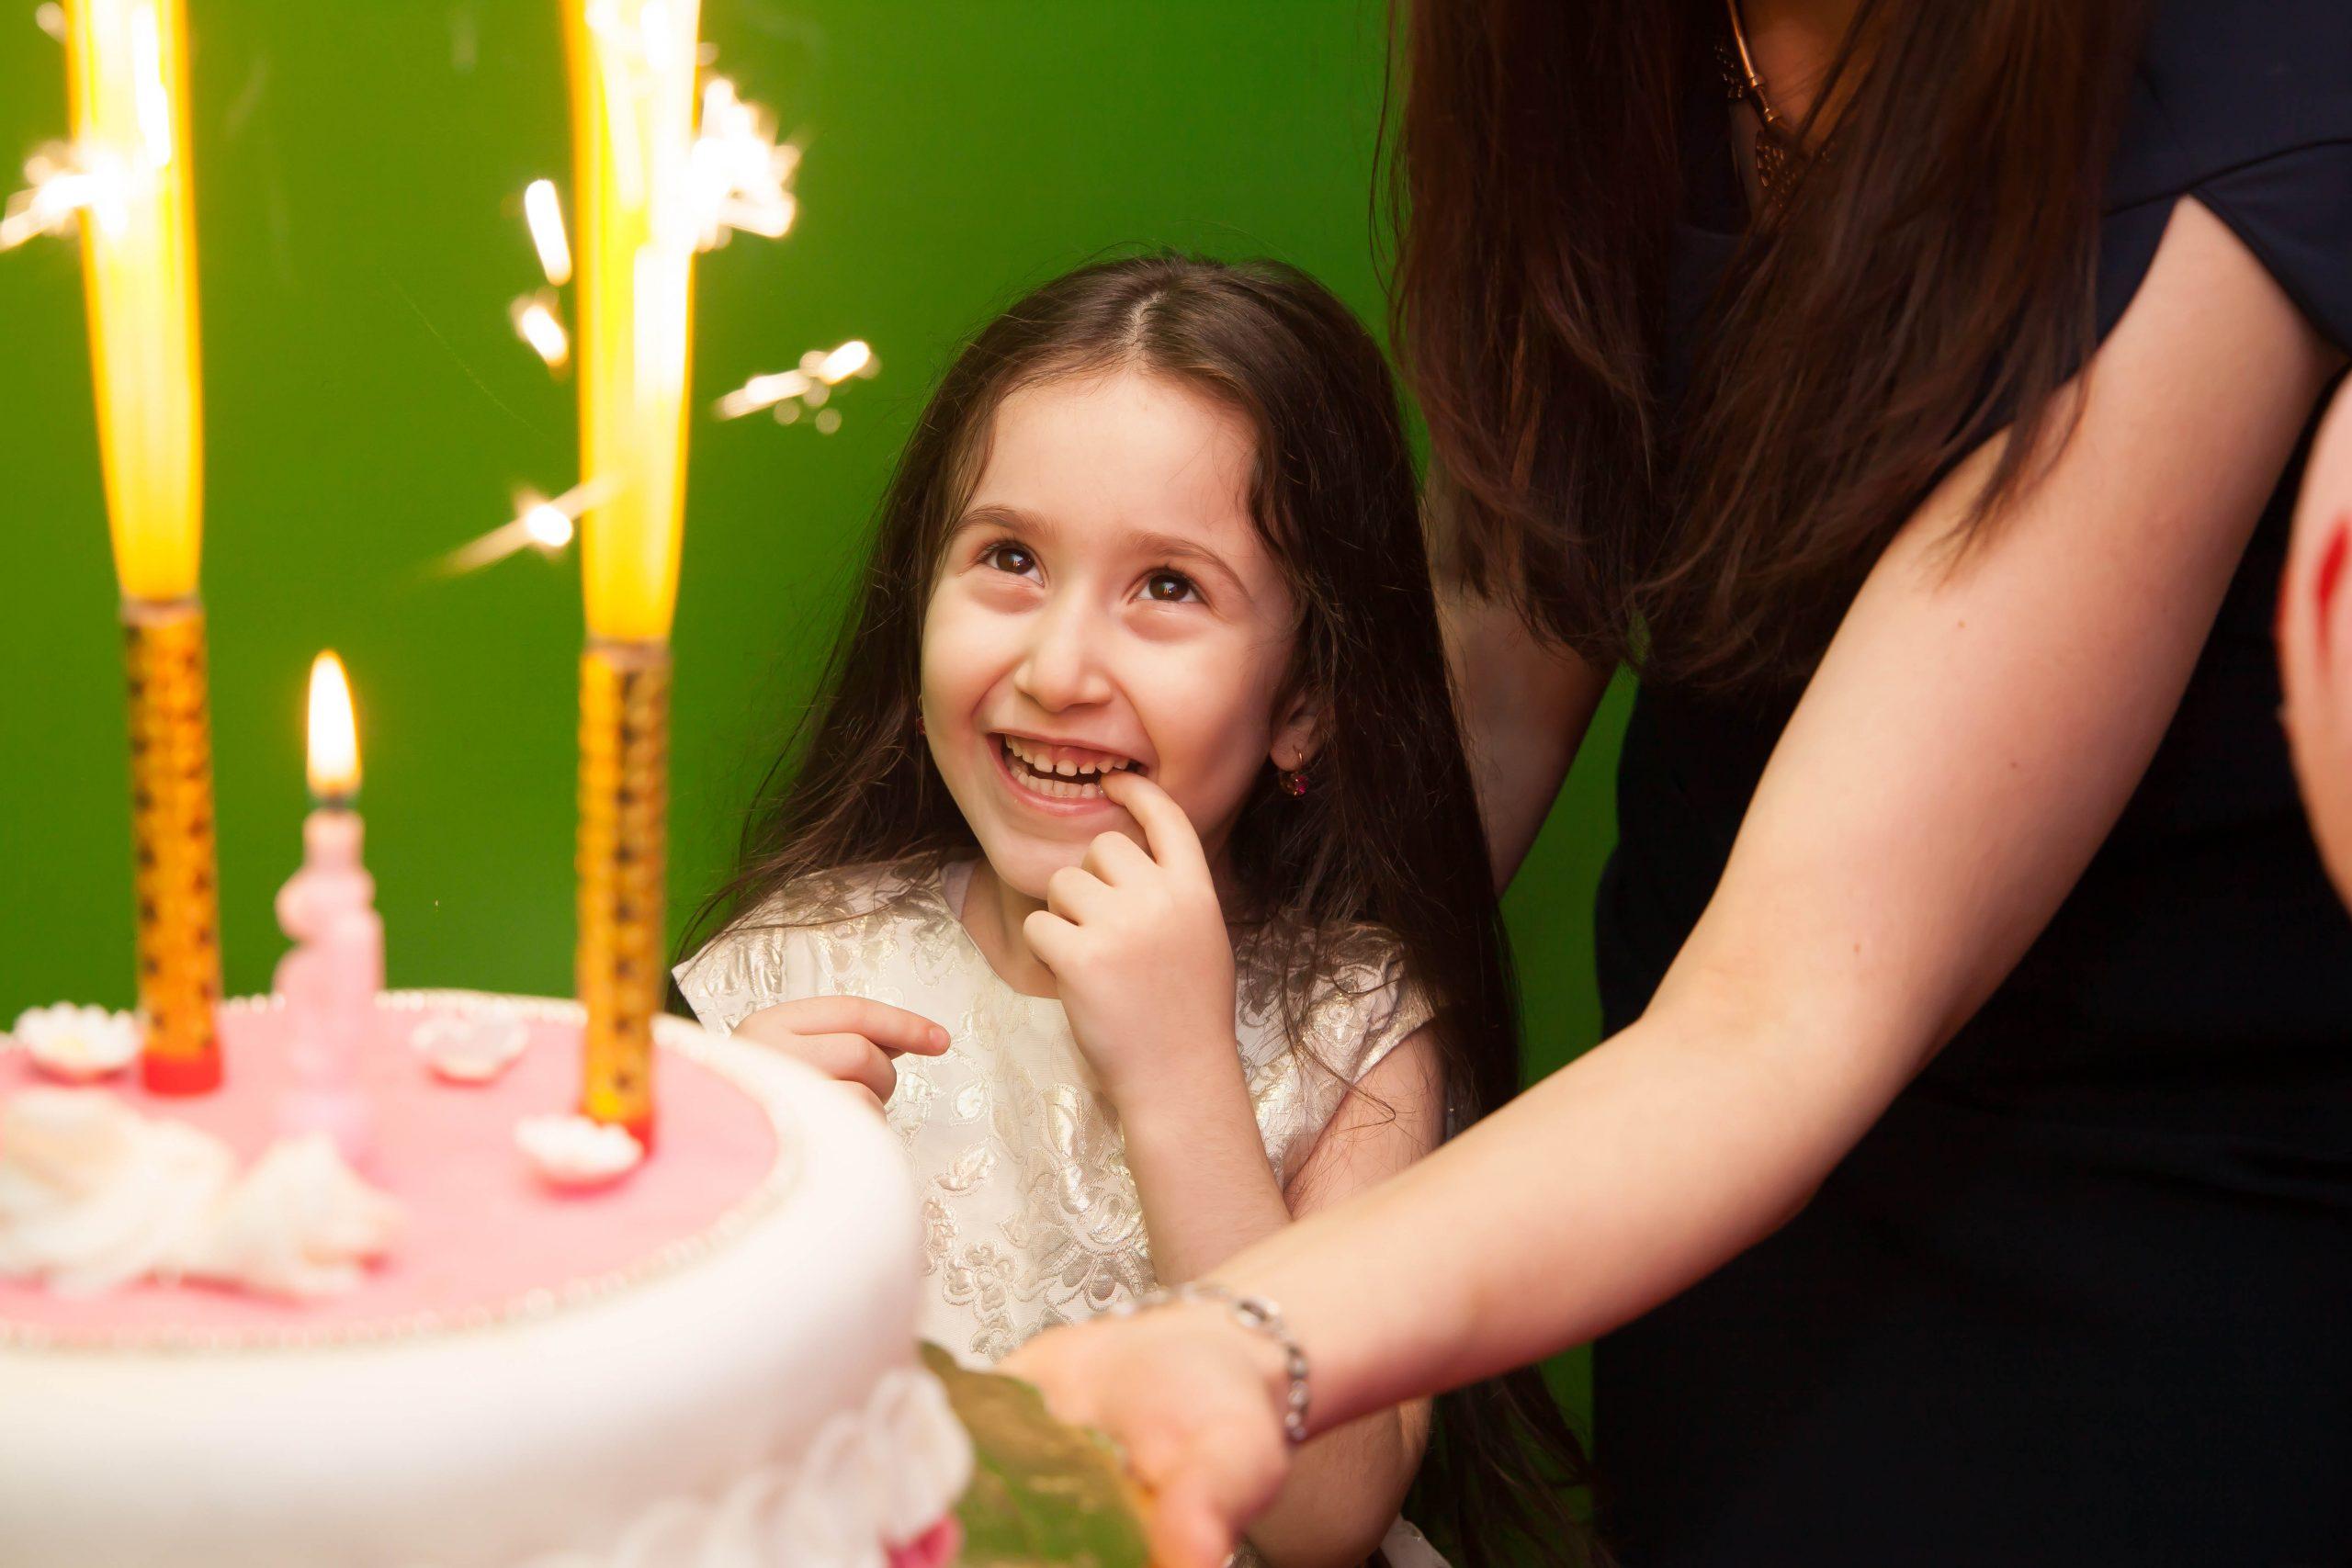 девочка загадывает жеоание перед тем как задуть свечи на торте